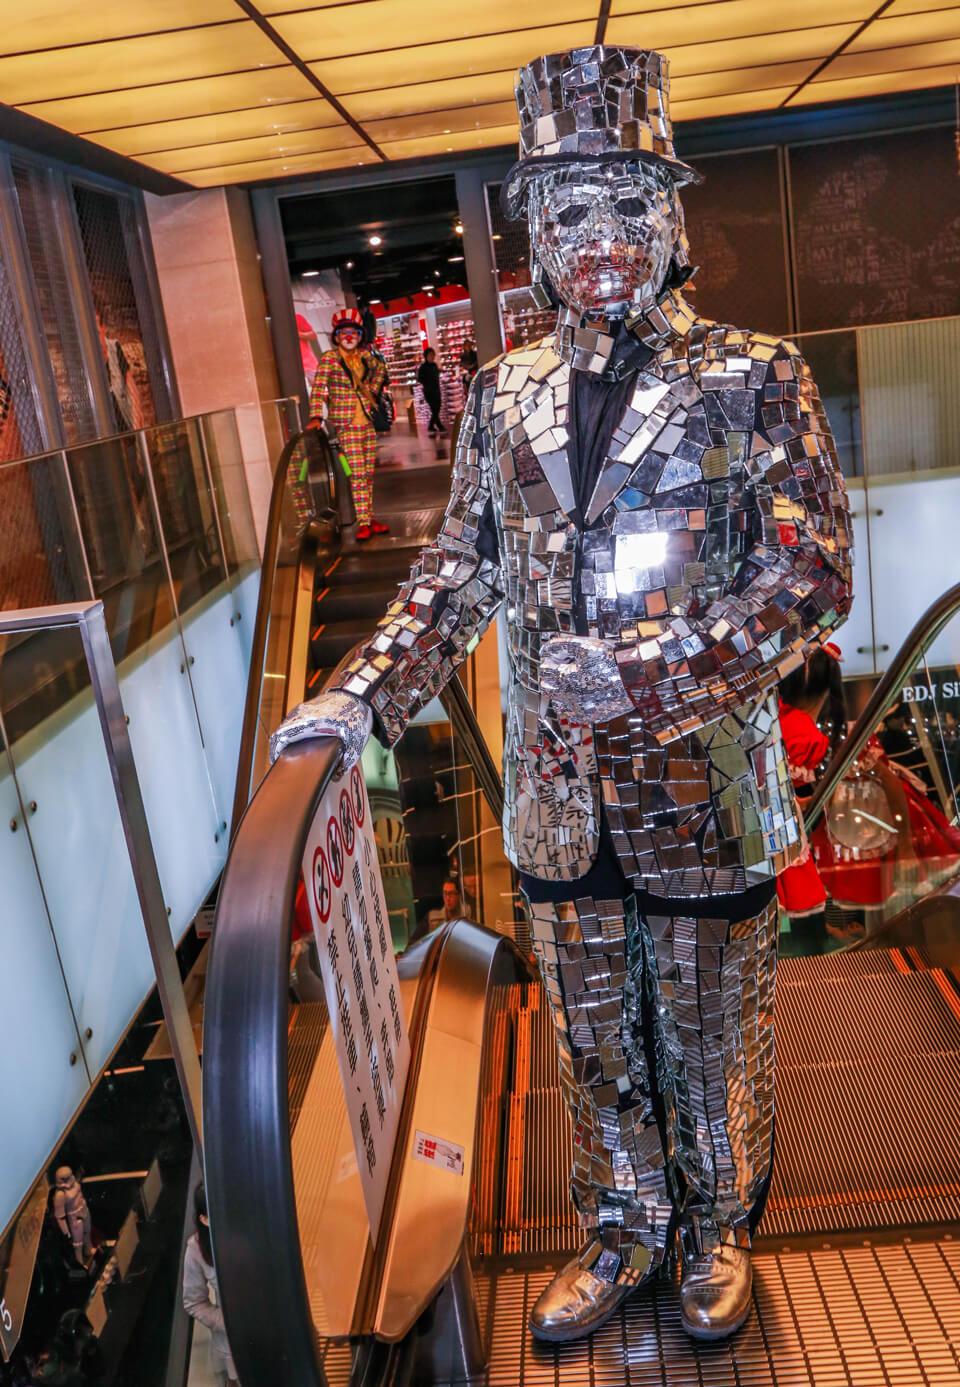 鏡面人先生站在大樓的門口,非常吸睛的他吸引了大量路過的遊客一起拍照